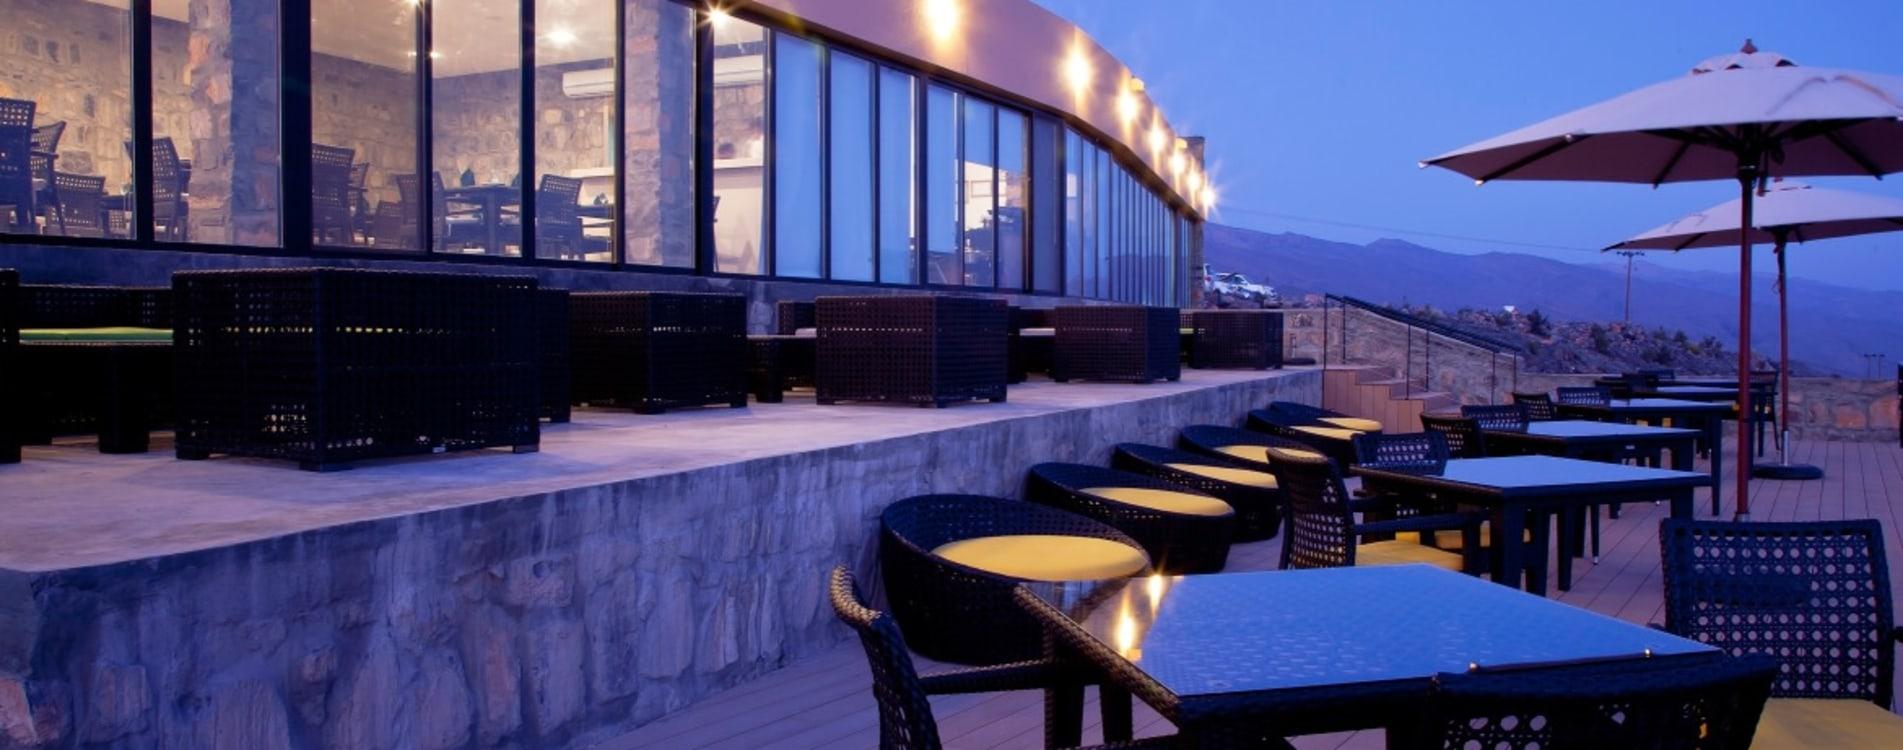 The-View-Oman-Restaurant-Terrasse-Abend.jpg